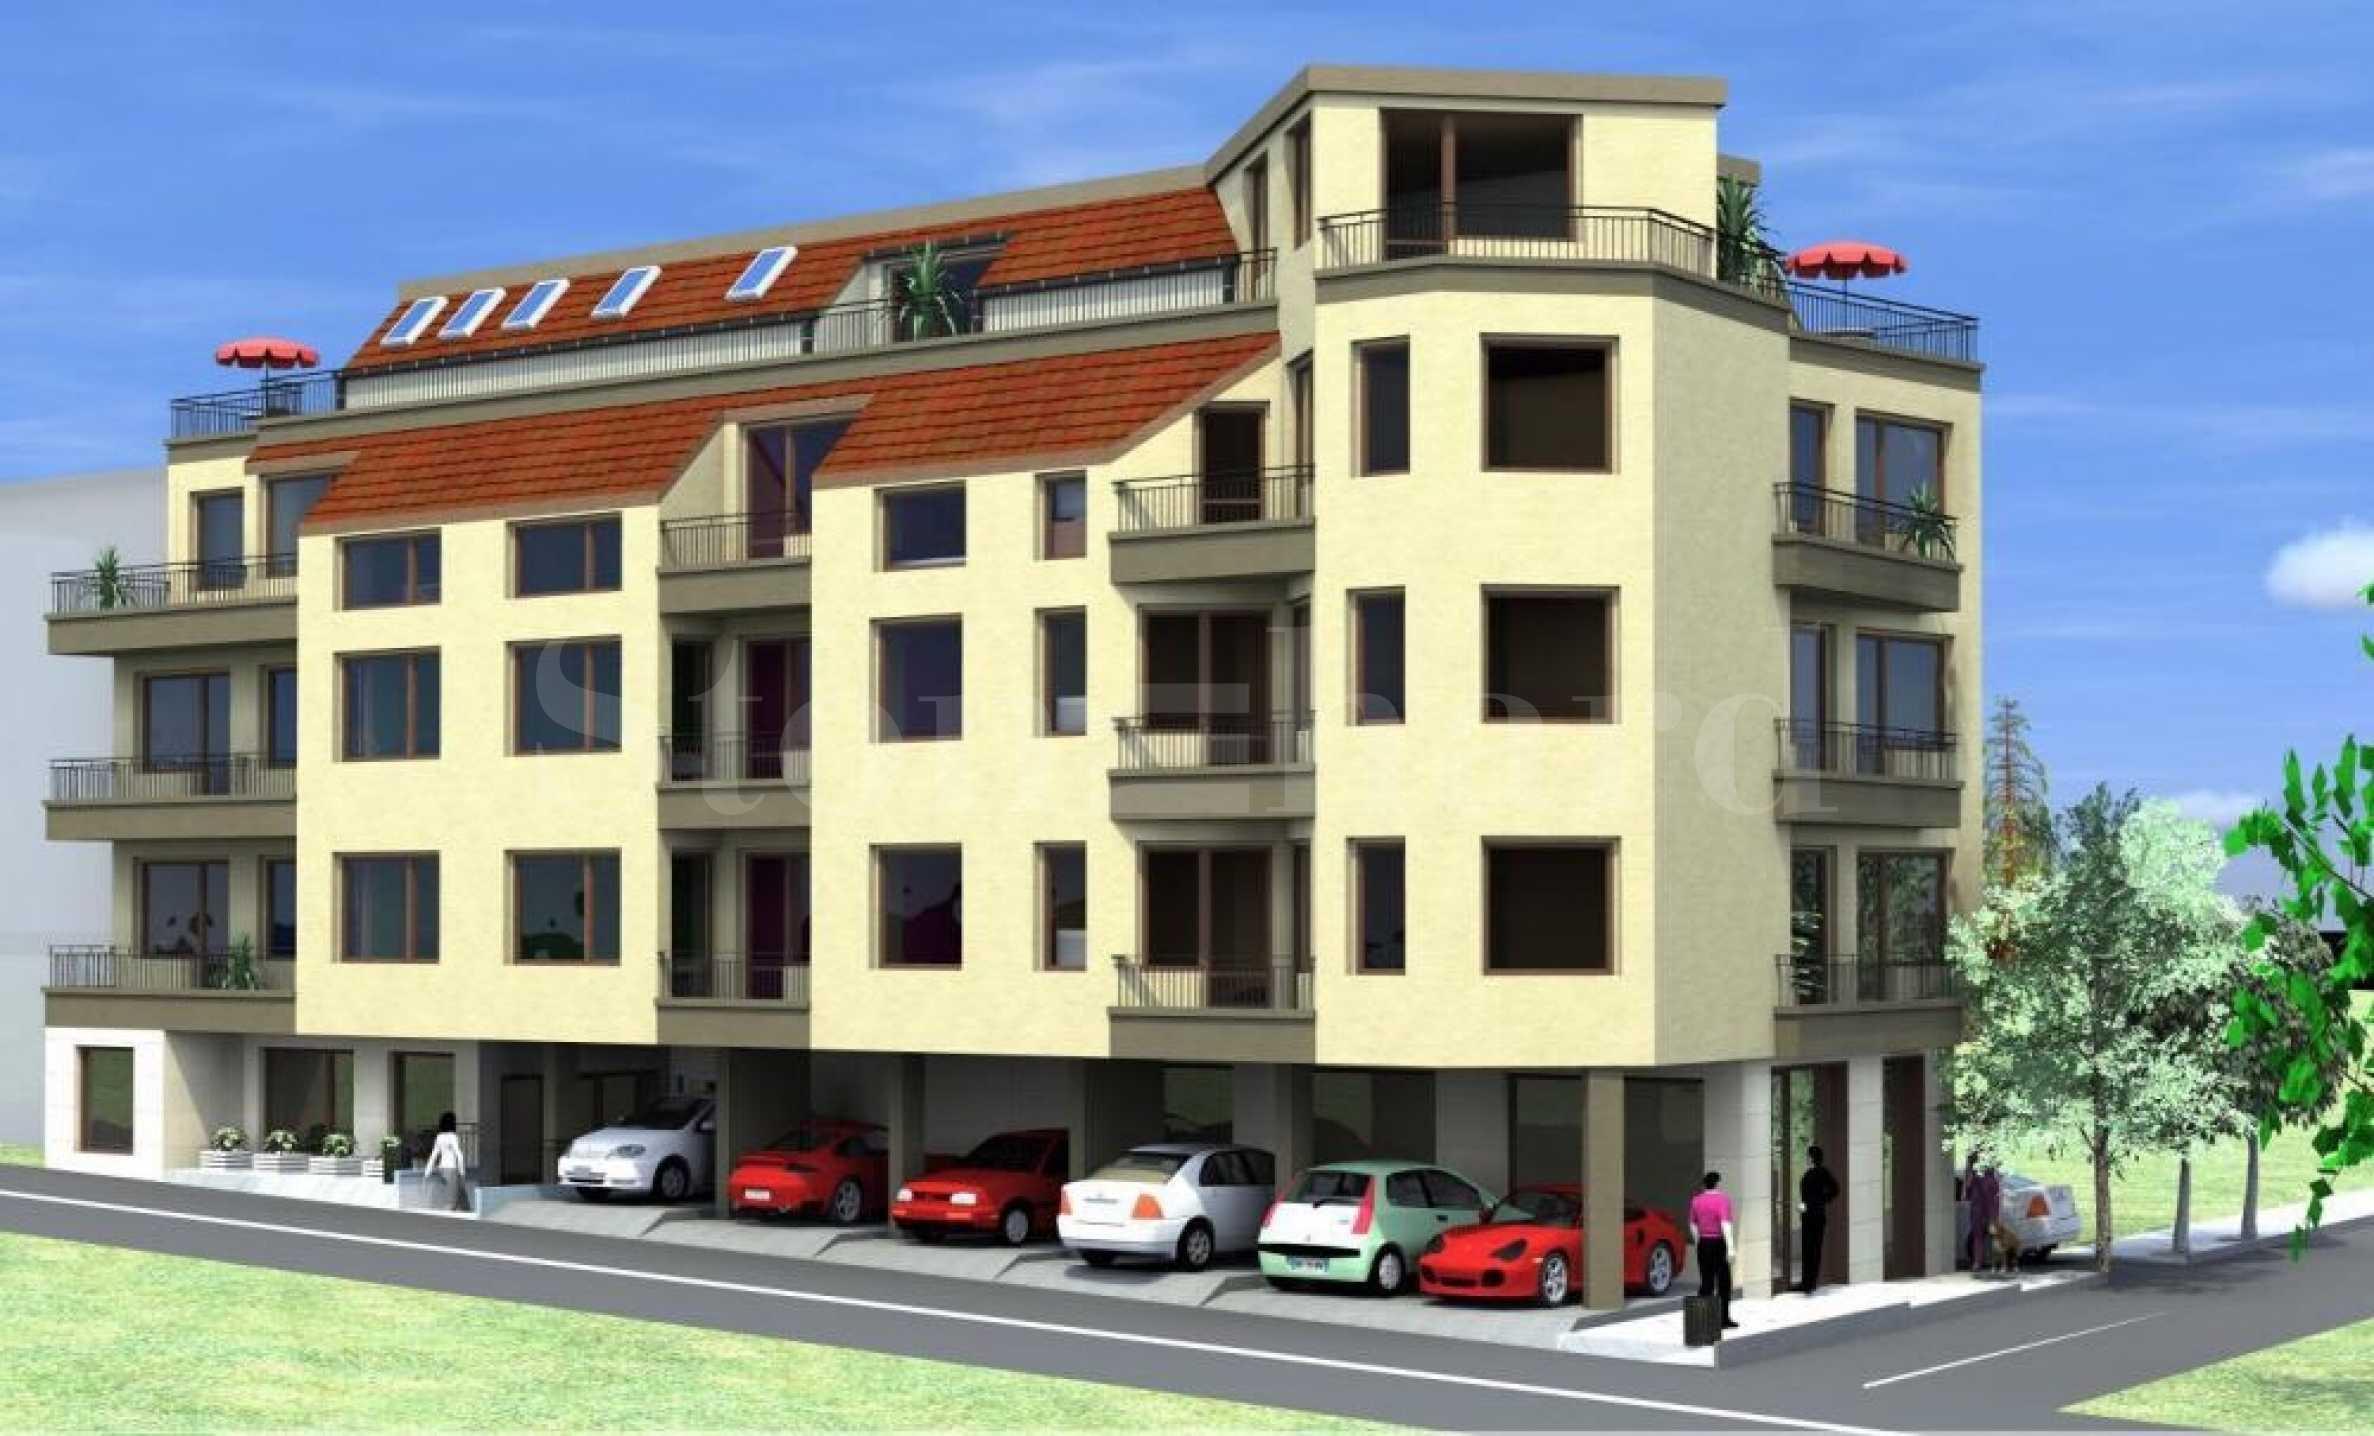 Атрактивни предложения за апартаменти ново строителство в кв. Аспарухово1 - Stonehard